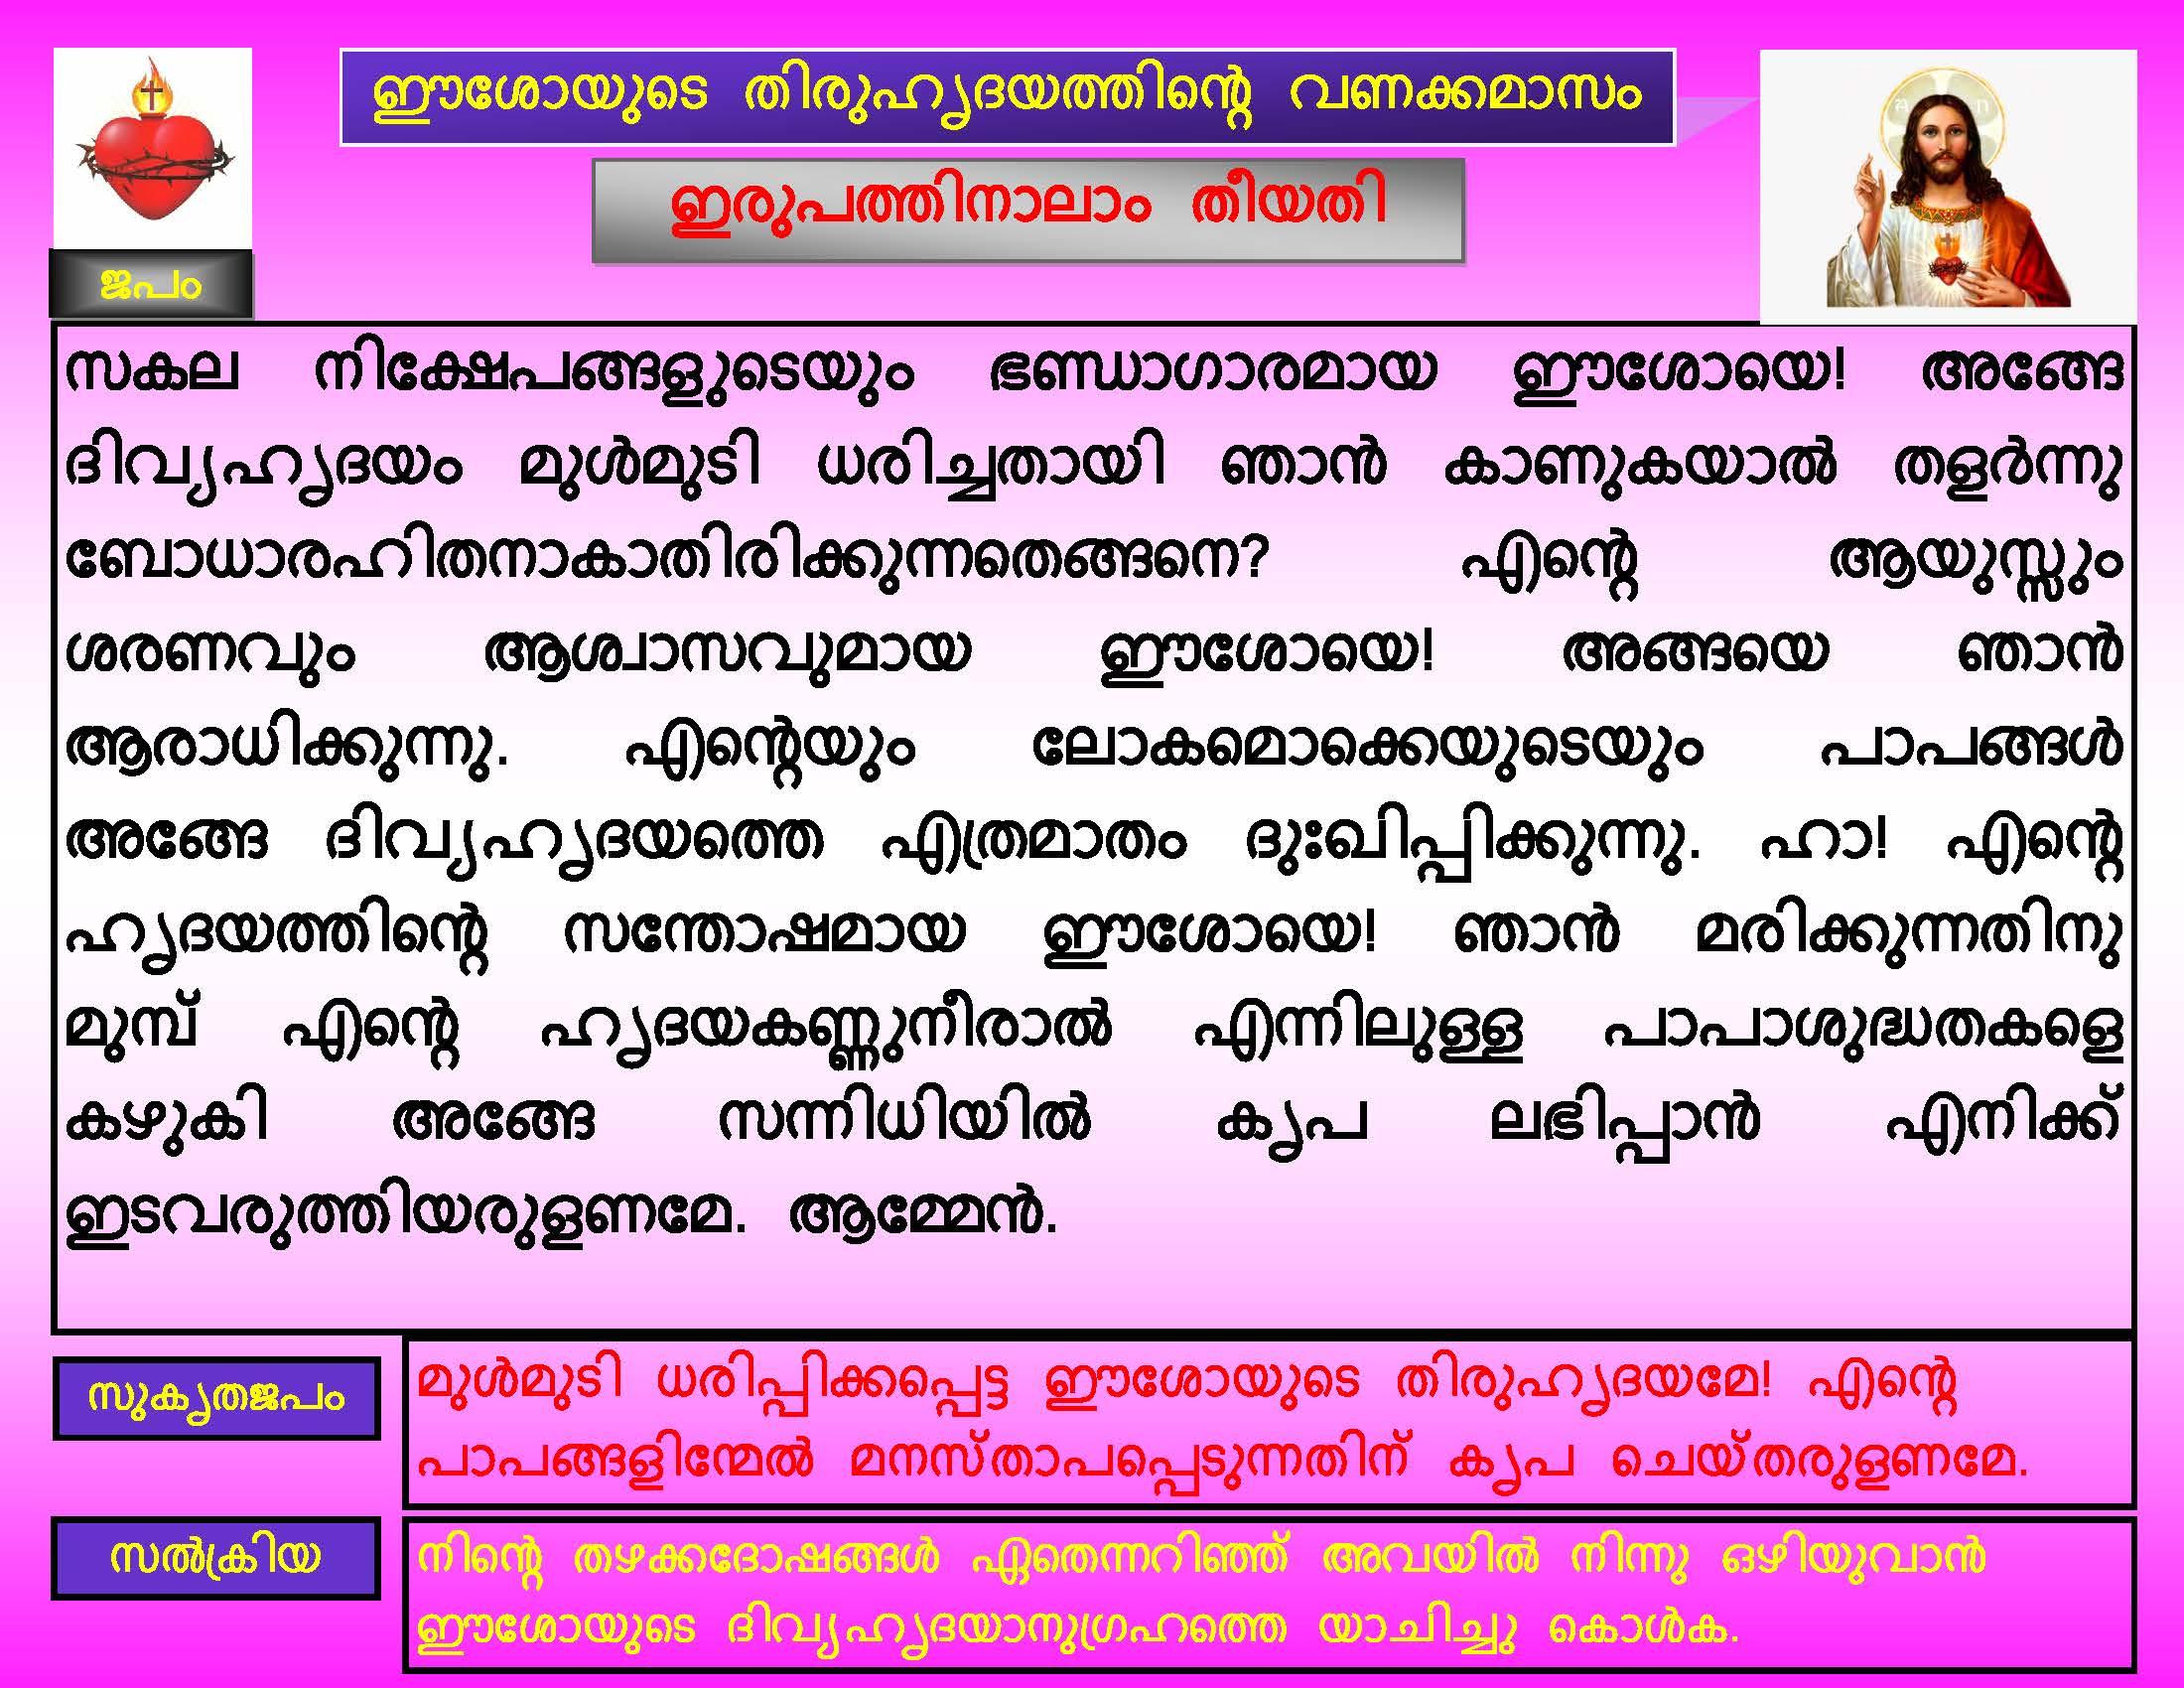 Thiruhrudaya Vanakkamasam - Day 24